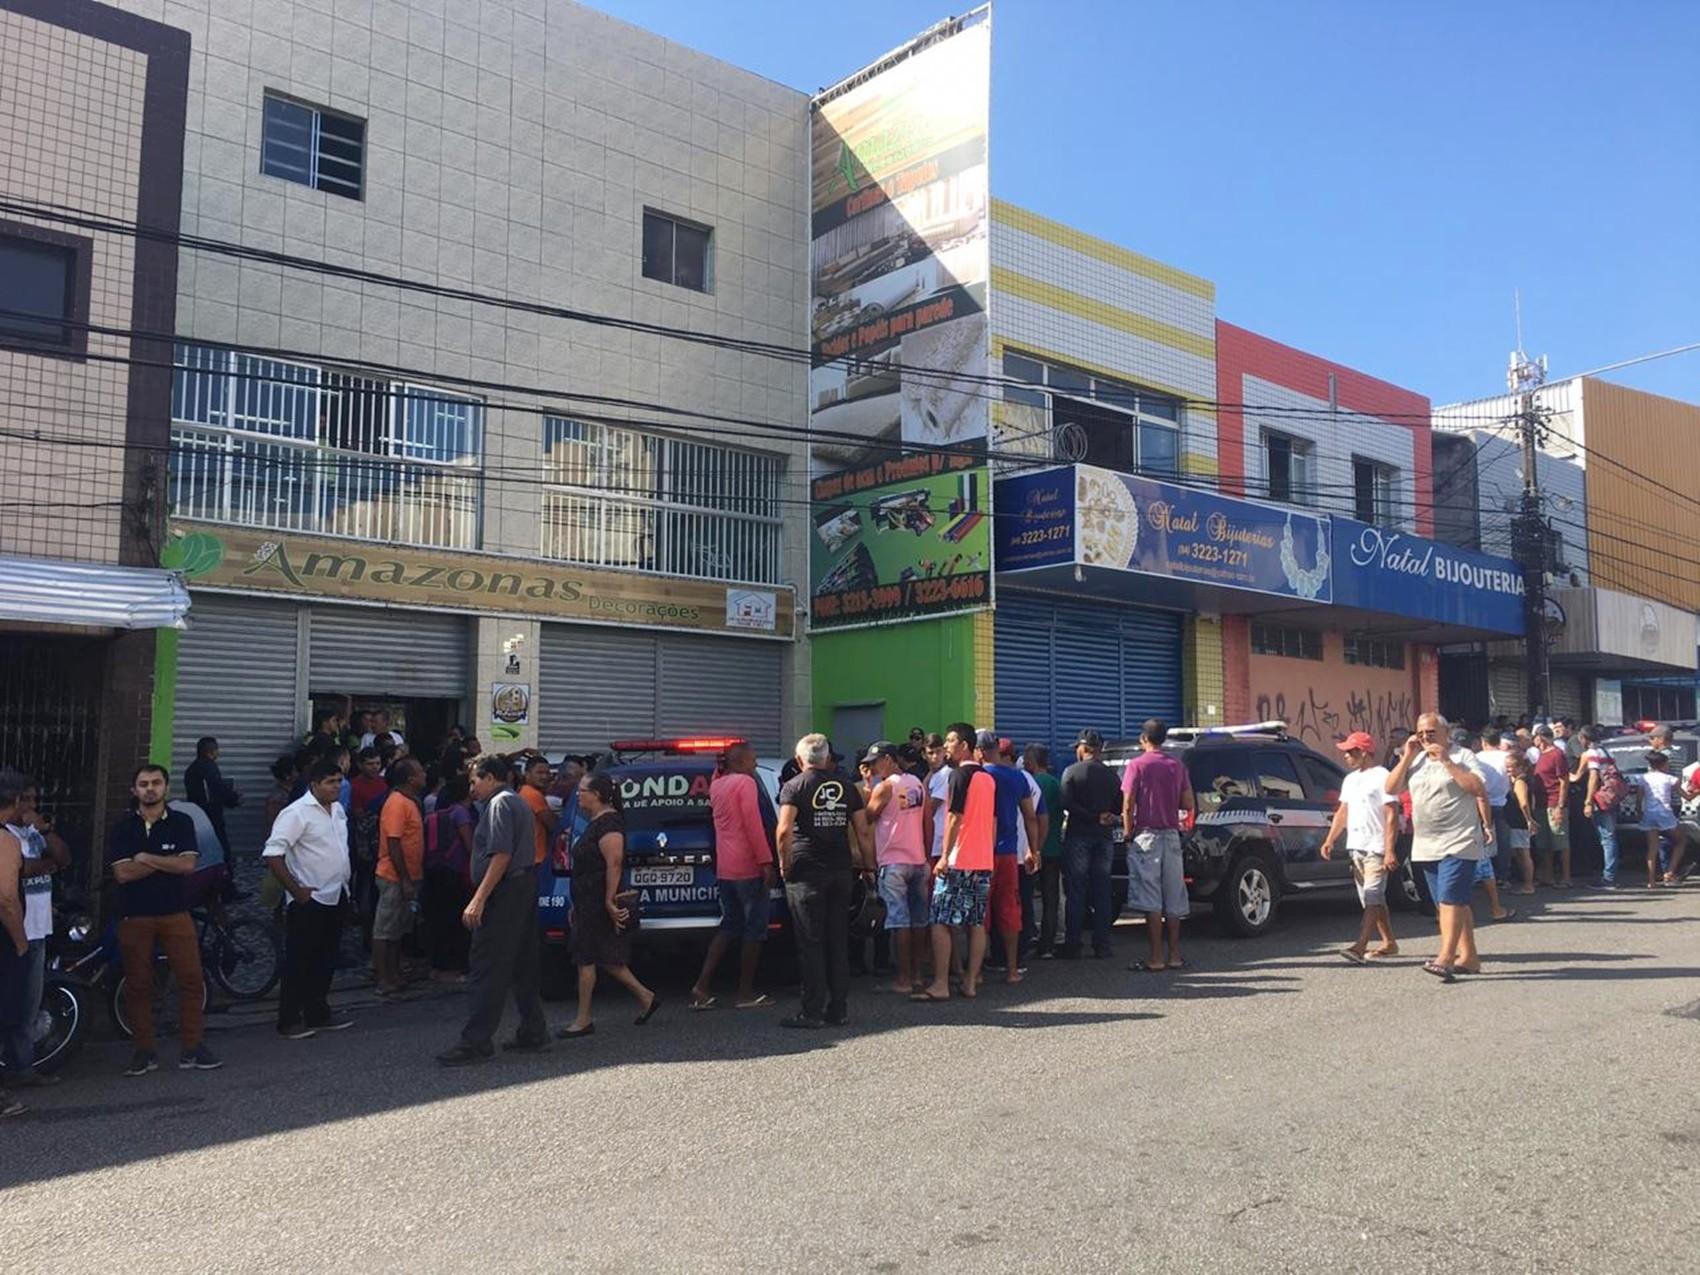 Assaltante em fuga atira e mata jovem de 18 anos no bairro do Alecrim, em Natal - Notícias - Plantão Diário